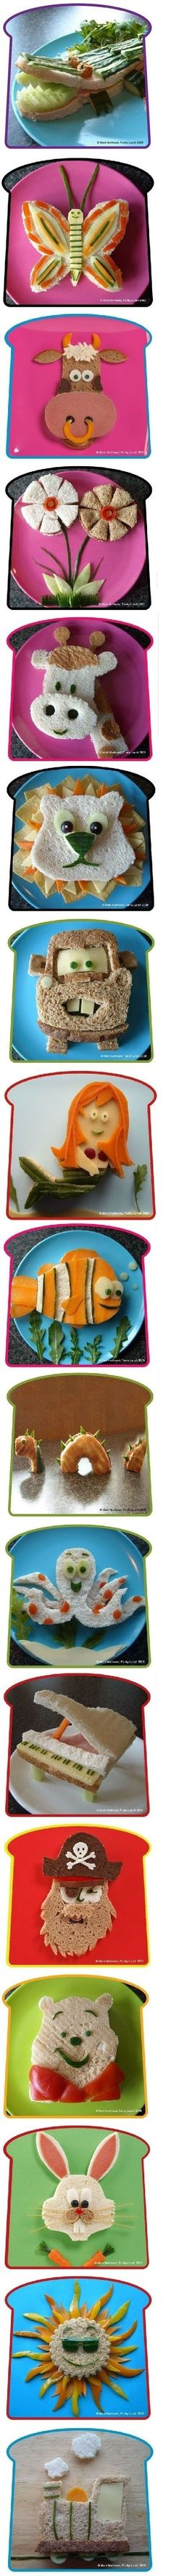 des sandwiches bien relax